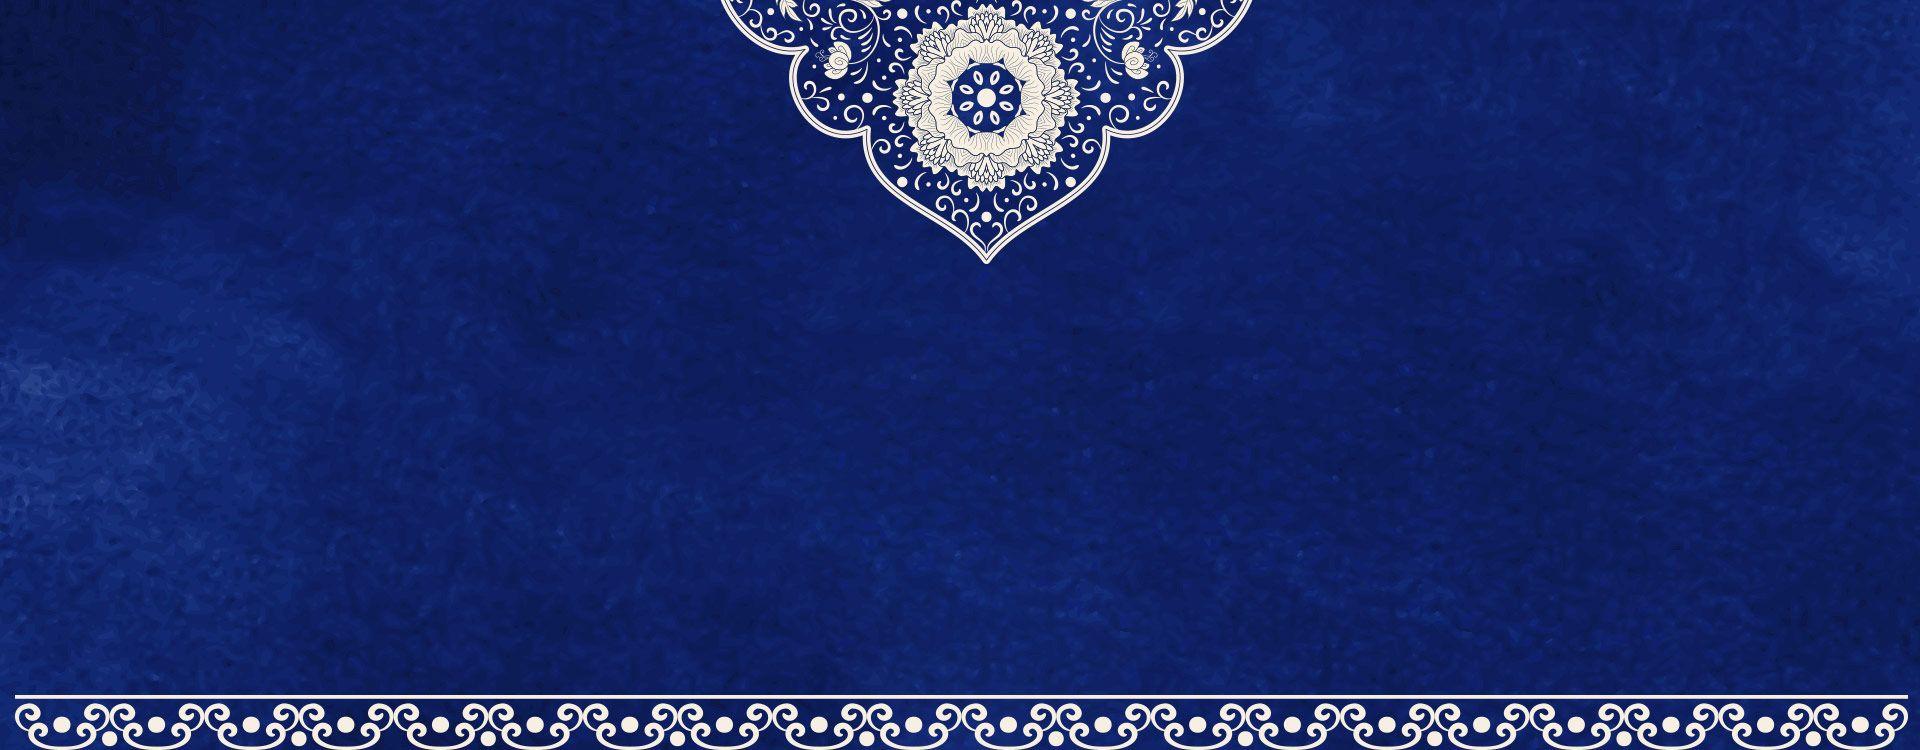 خلفية زرقاء اللون خمر الدانتيل Lace Background Blue Background Images Background Vintage